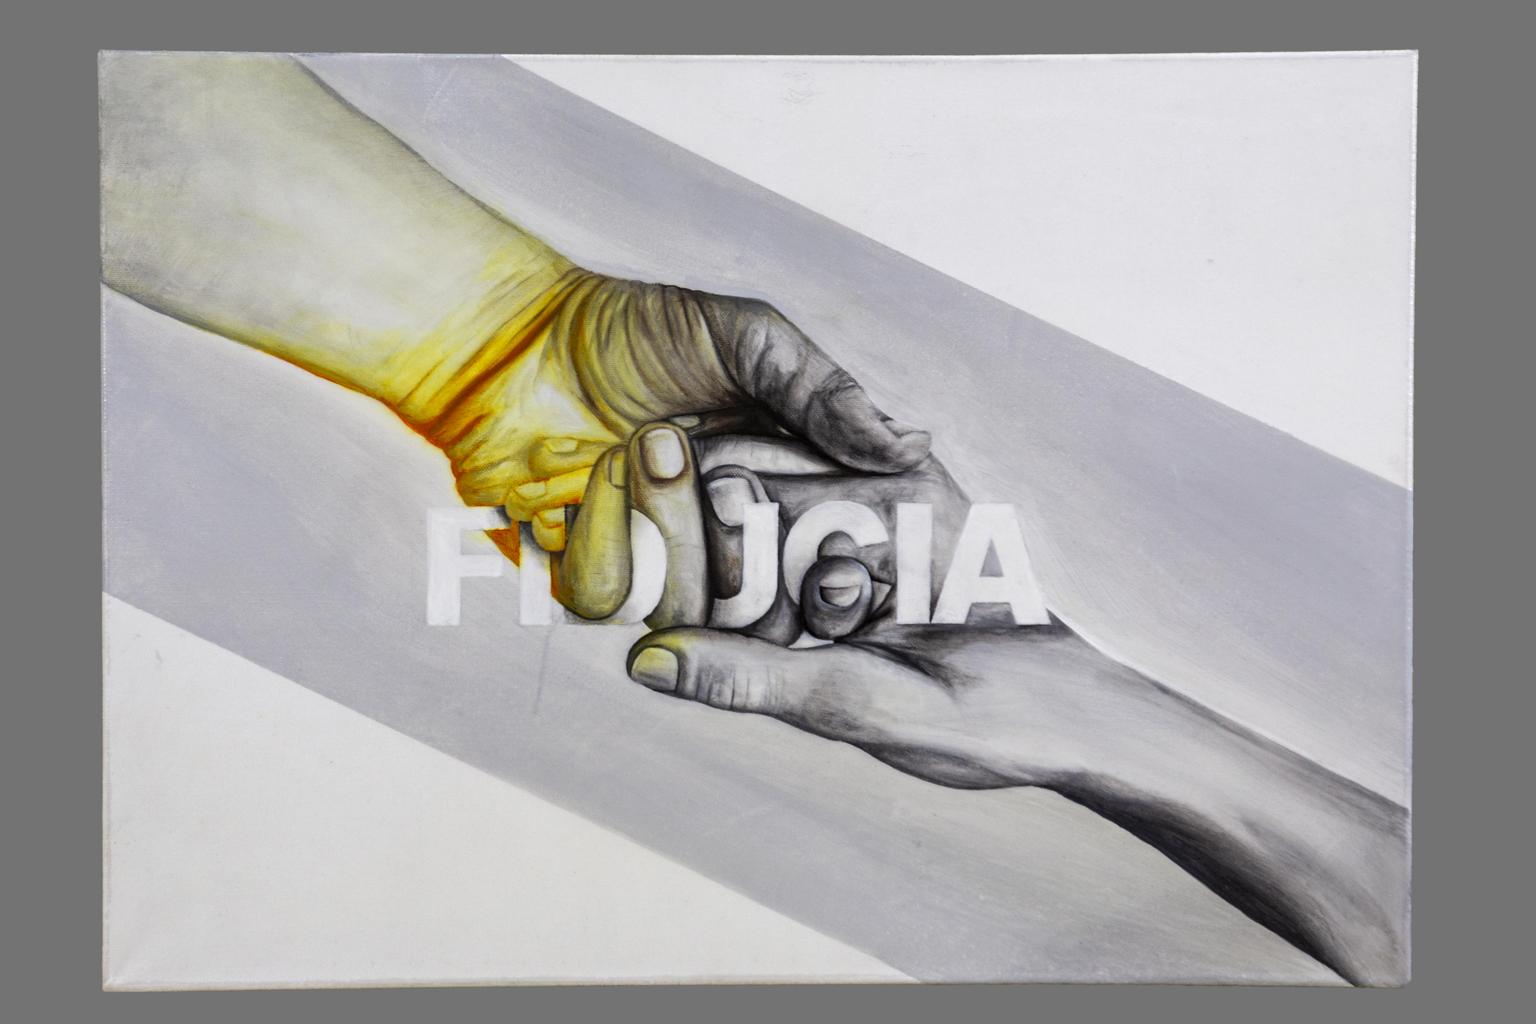 associazione_asteras-Manu-Invisible-Fiducia-2020